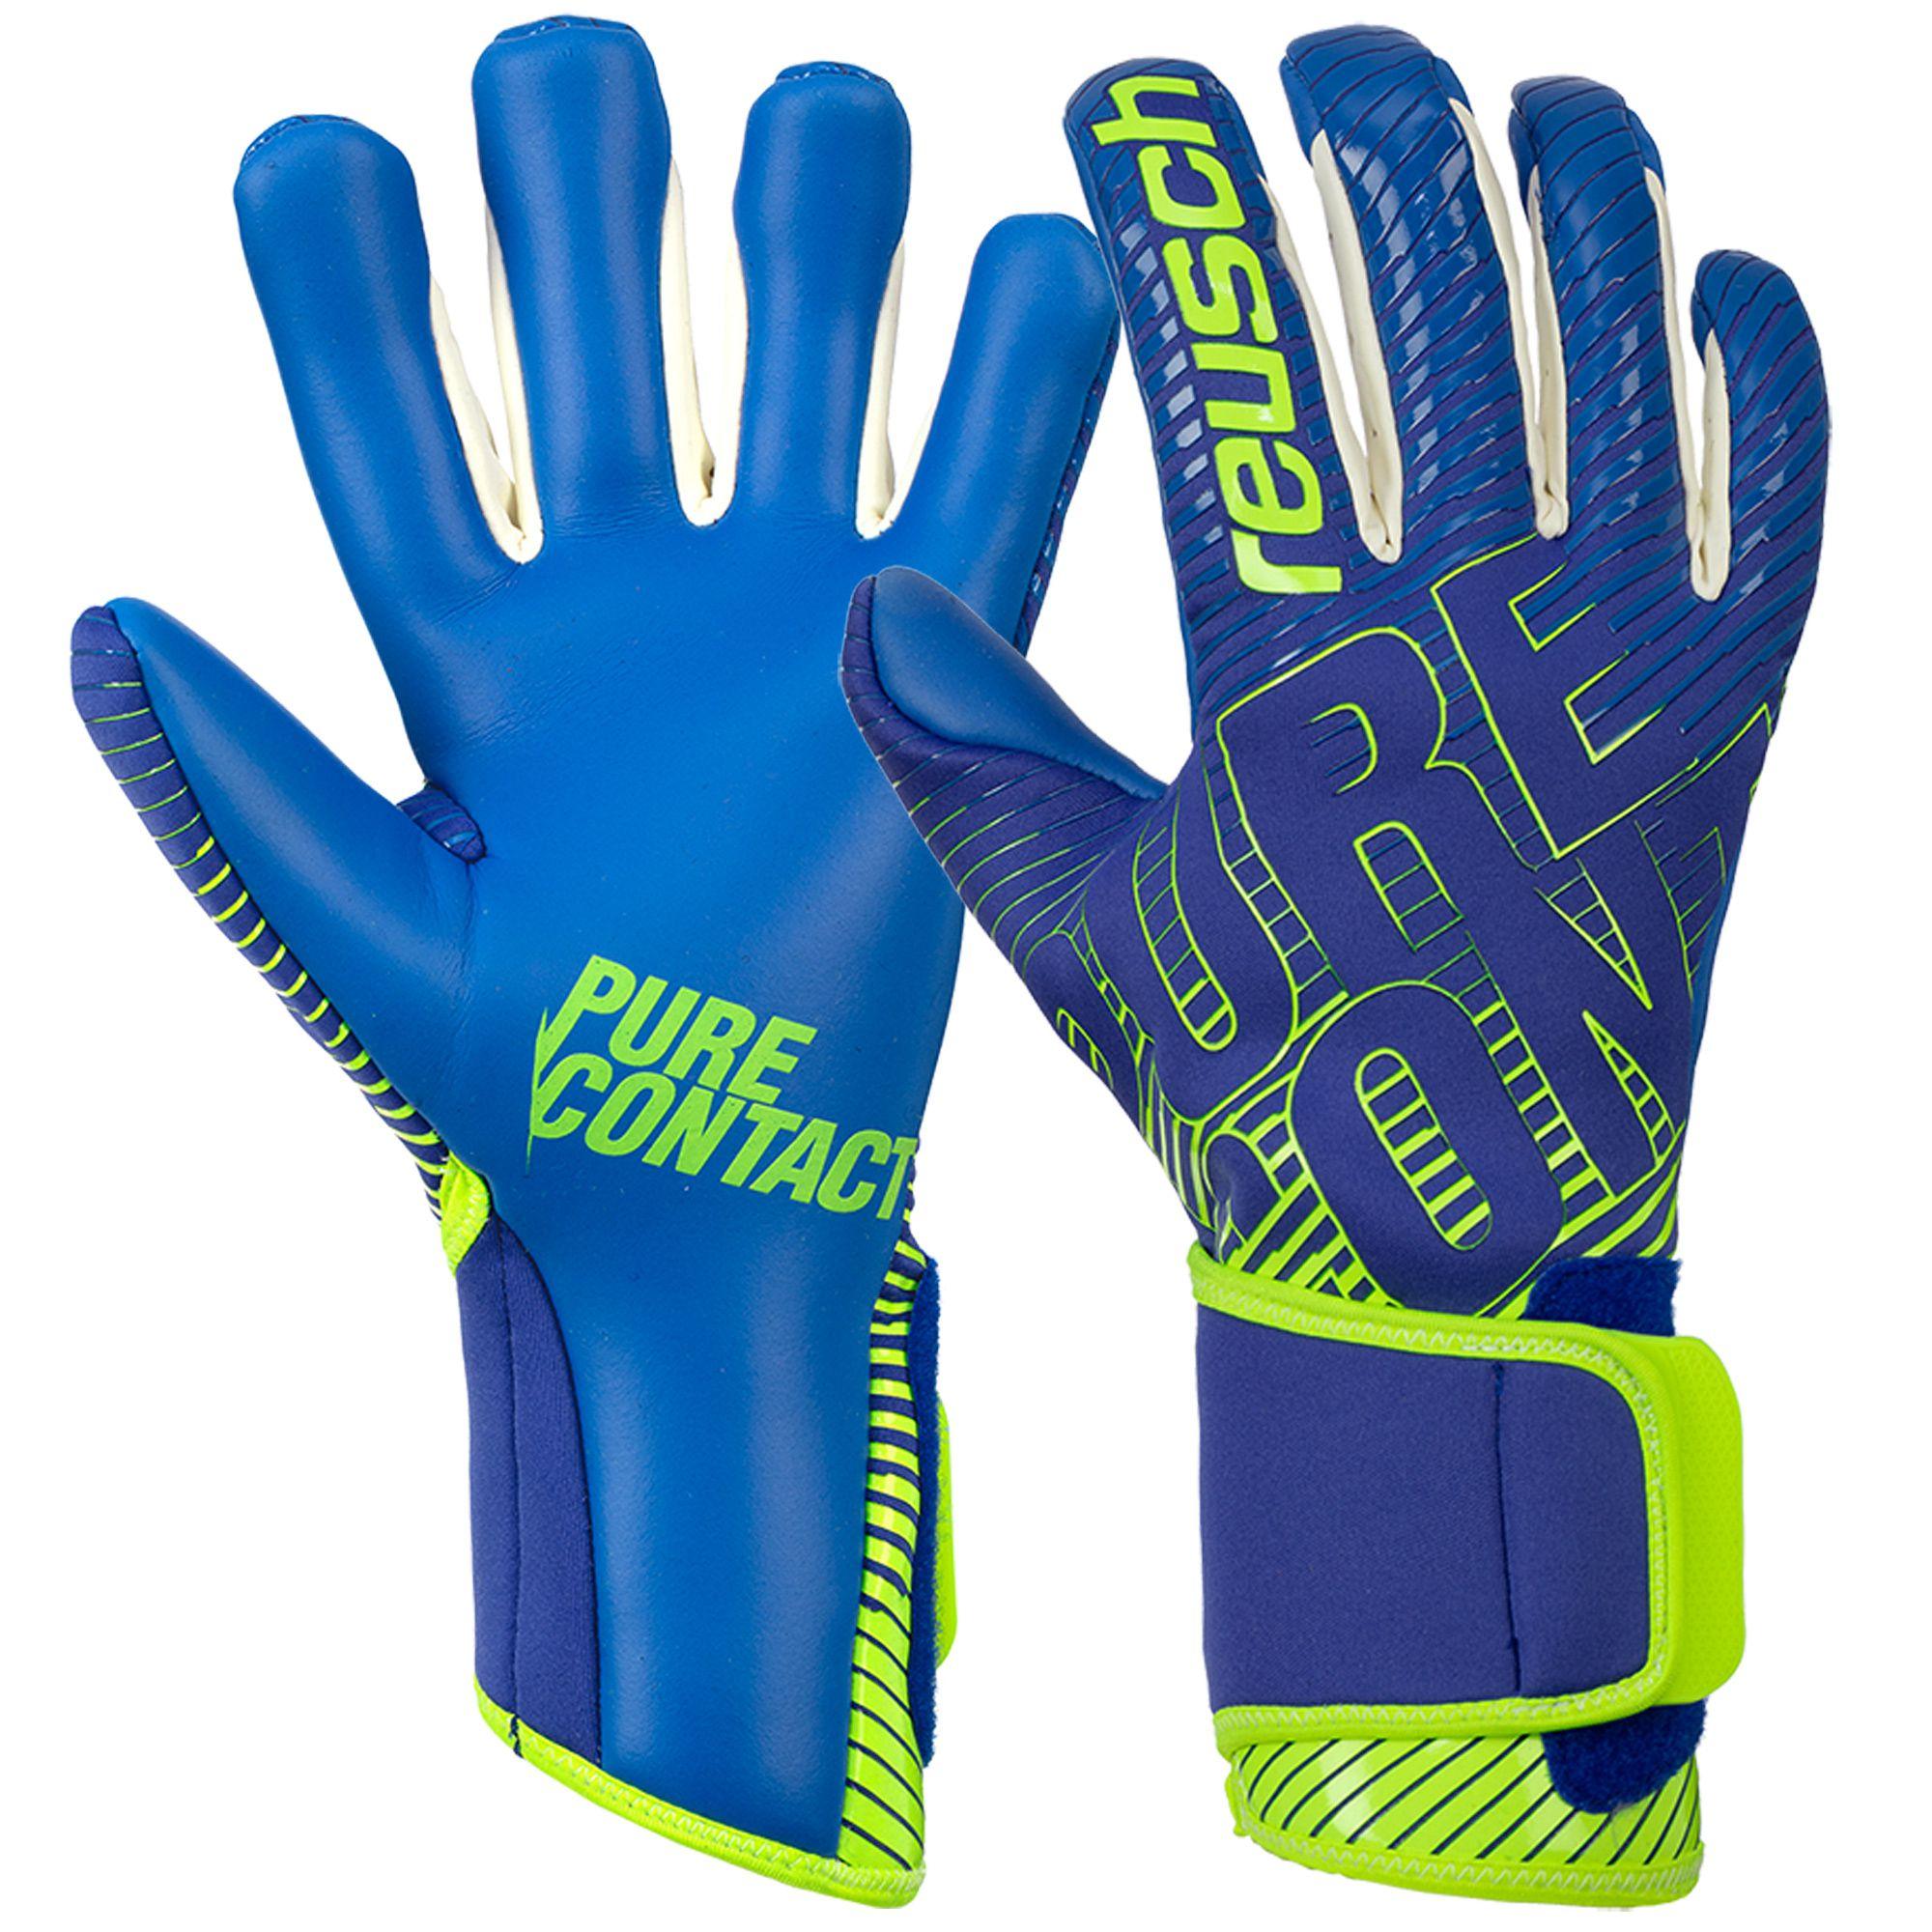 Gants Reusch Pure Contact 3 G3 duo 2020